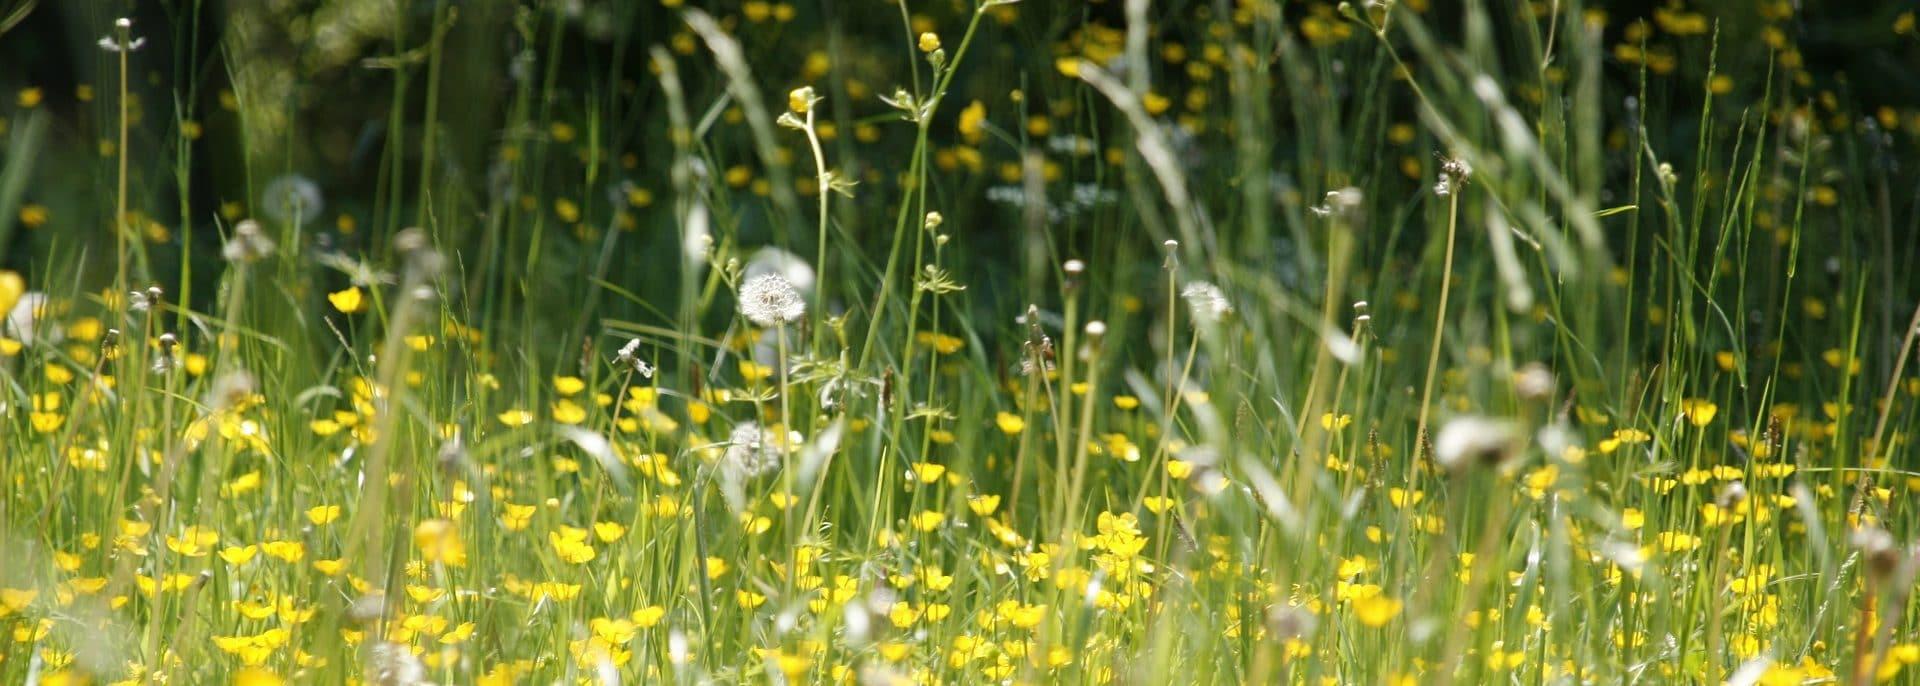 Wiese, Pollen, Blütenstaub